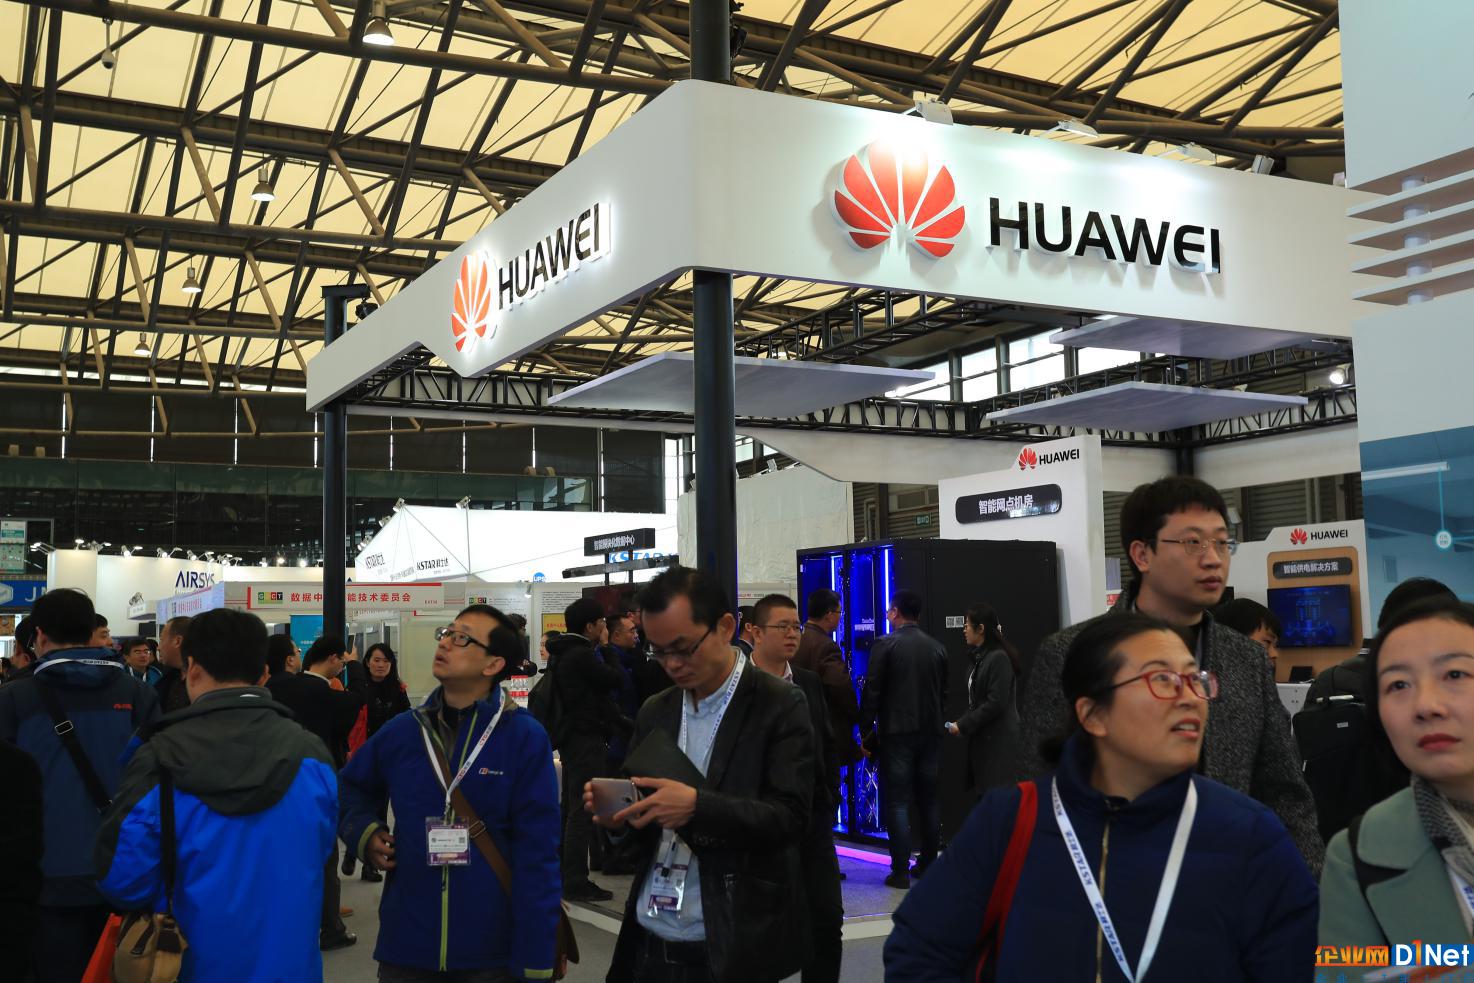 引领产业高速发展  首届国际数据中心及沙龙国际手机版产业展圆满闭幕